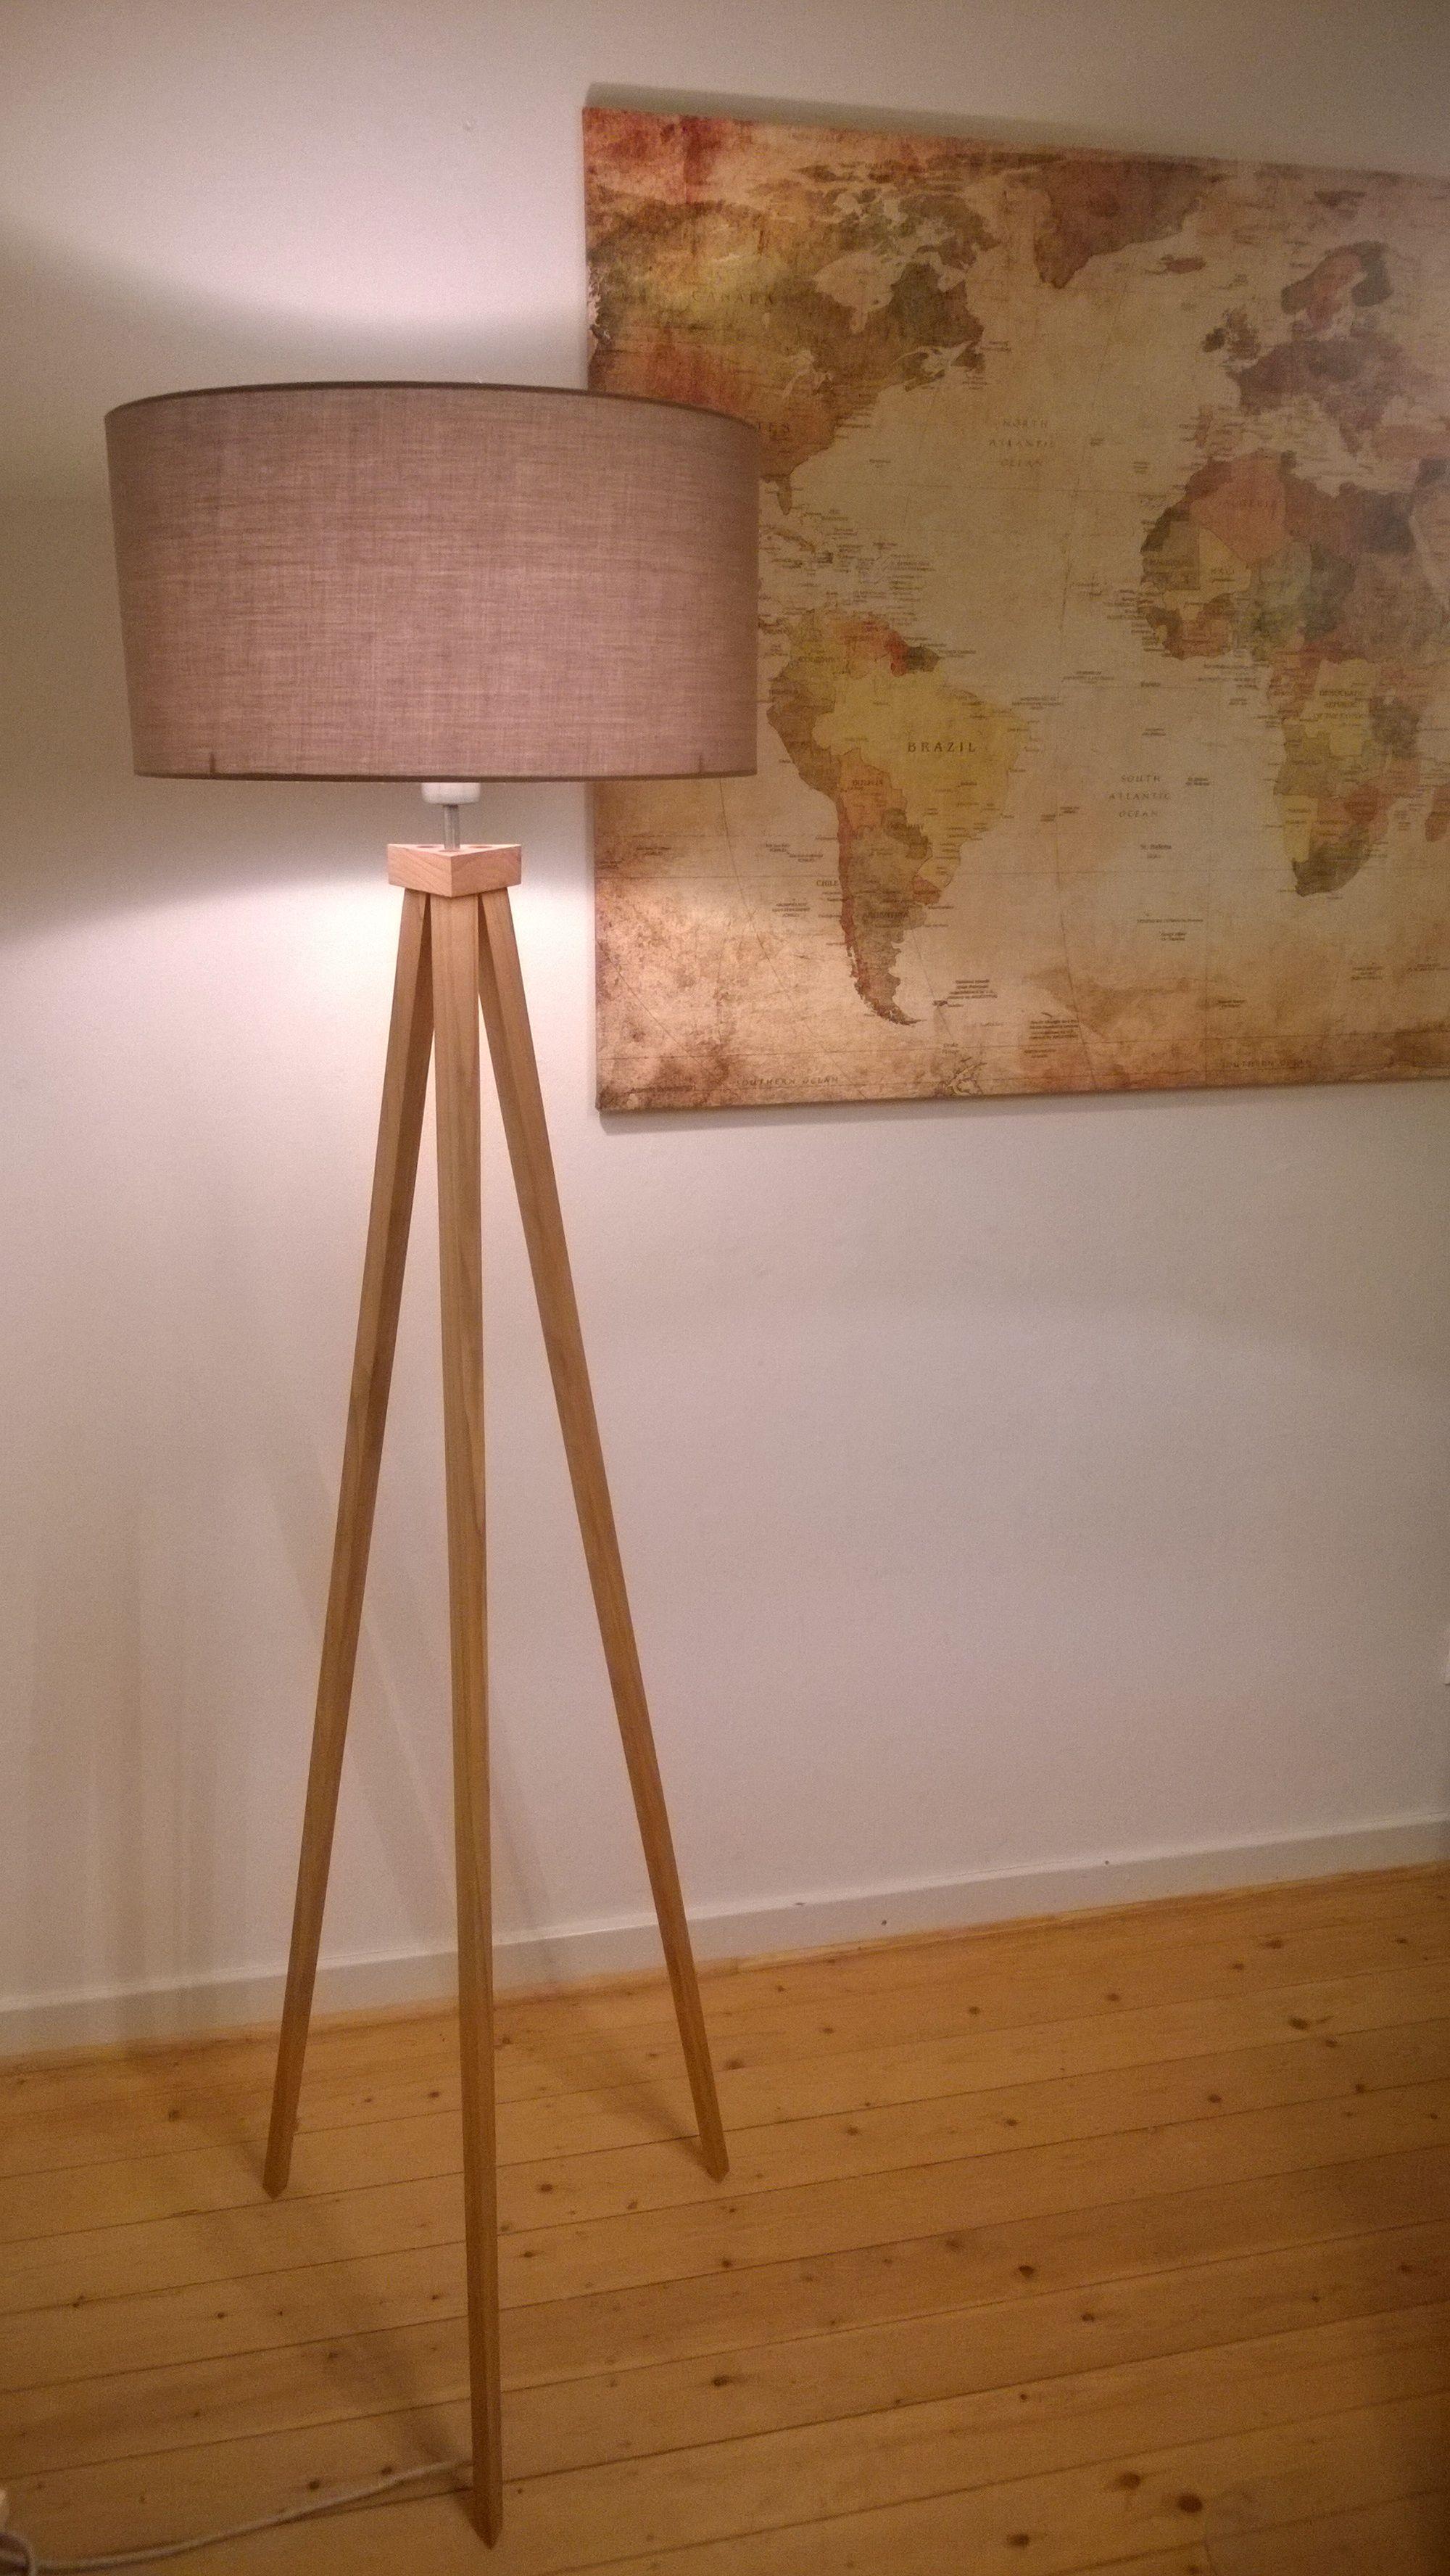 Dreibein stehlampe aus kirschholz fr gemtliches licht im dreibein stehlampe aus kirschholz fr gemtliches licht im esszimmer das kirschholz hat mir mein lieber parisarafo Choice Image